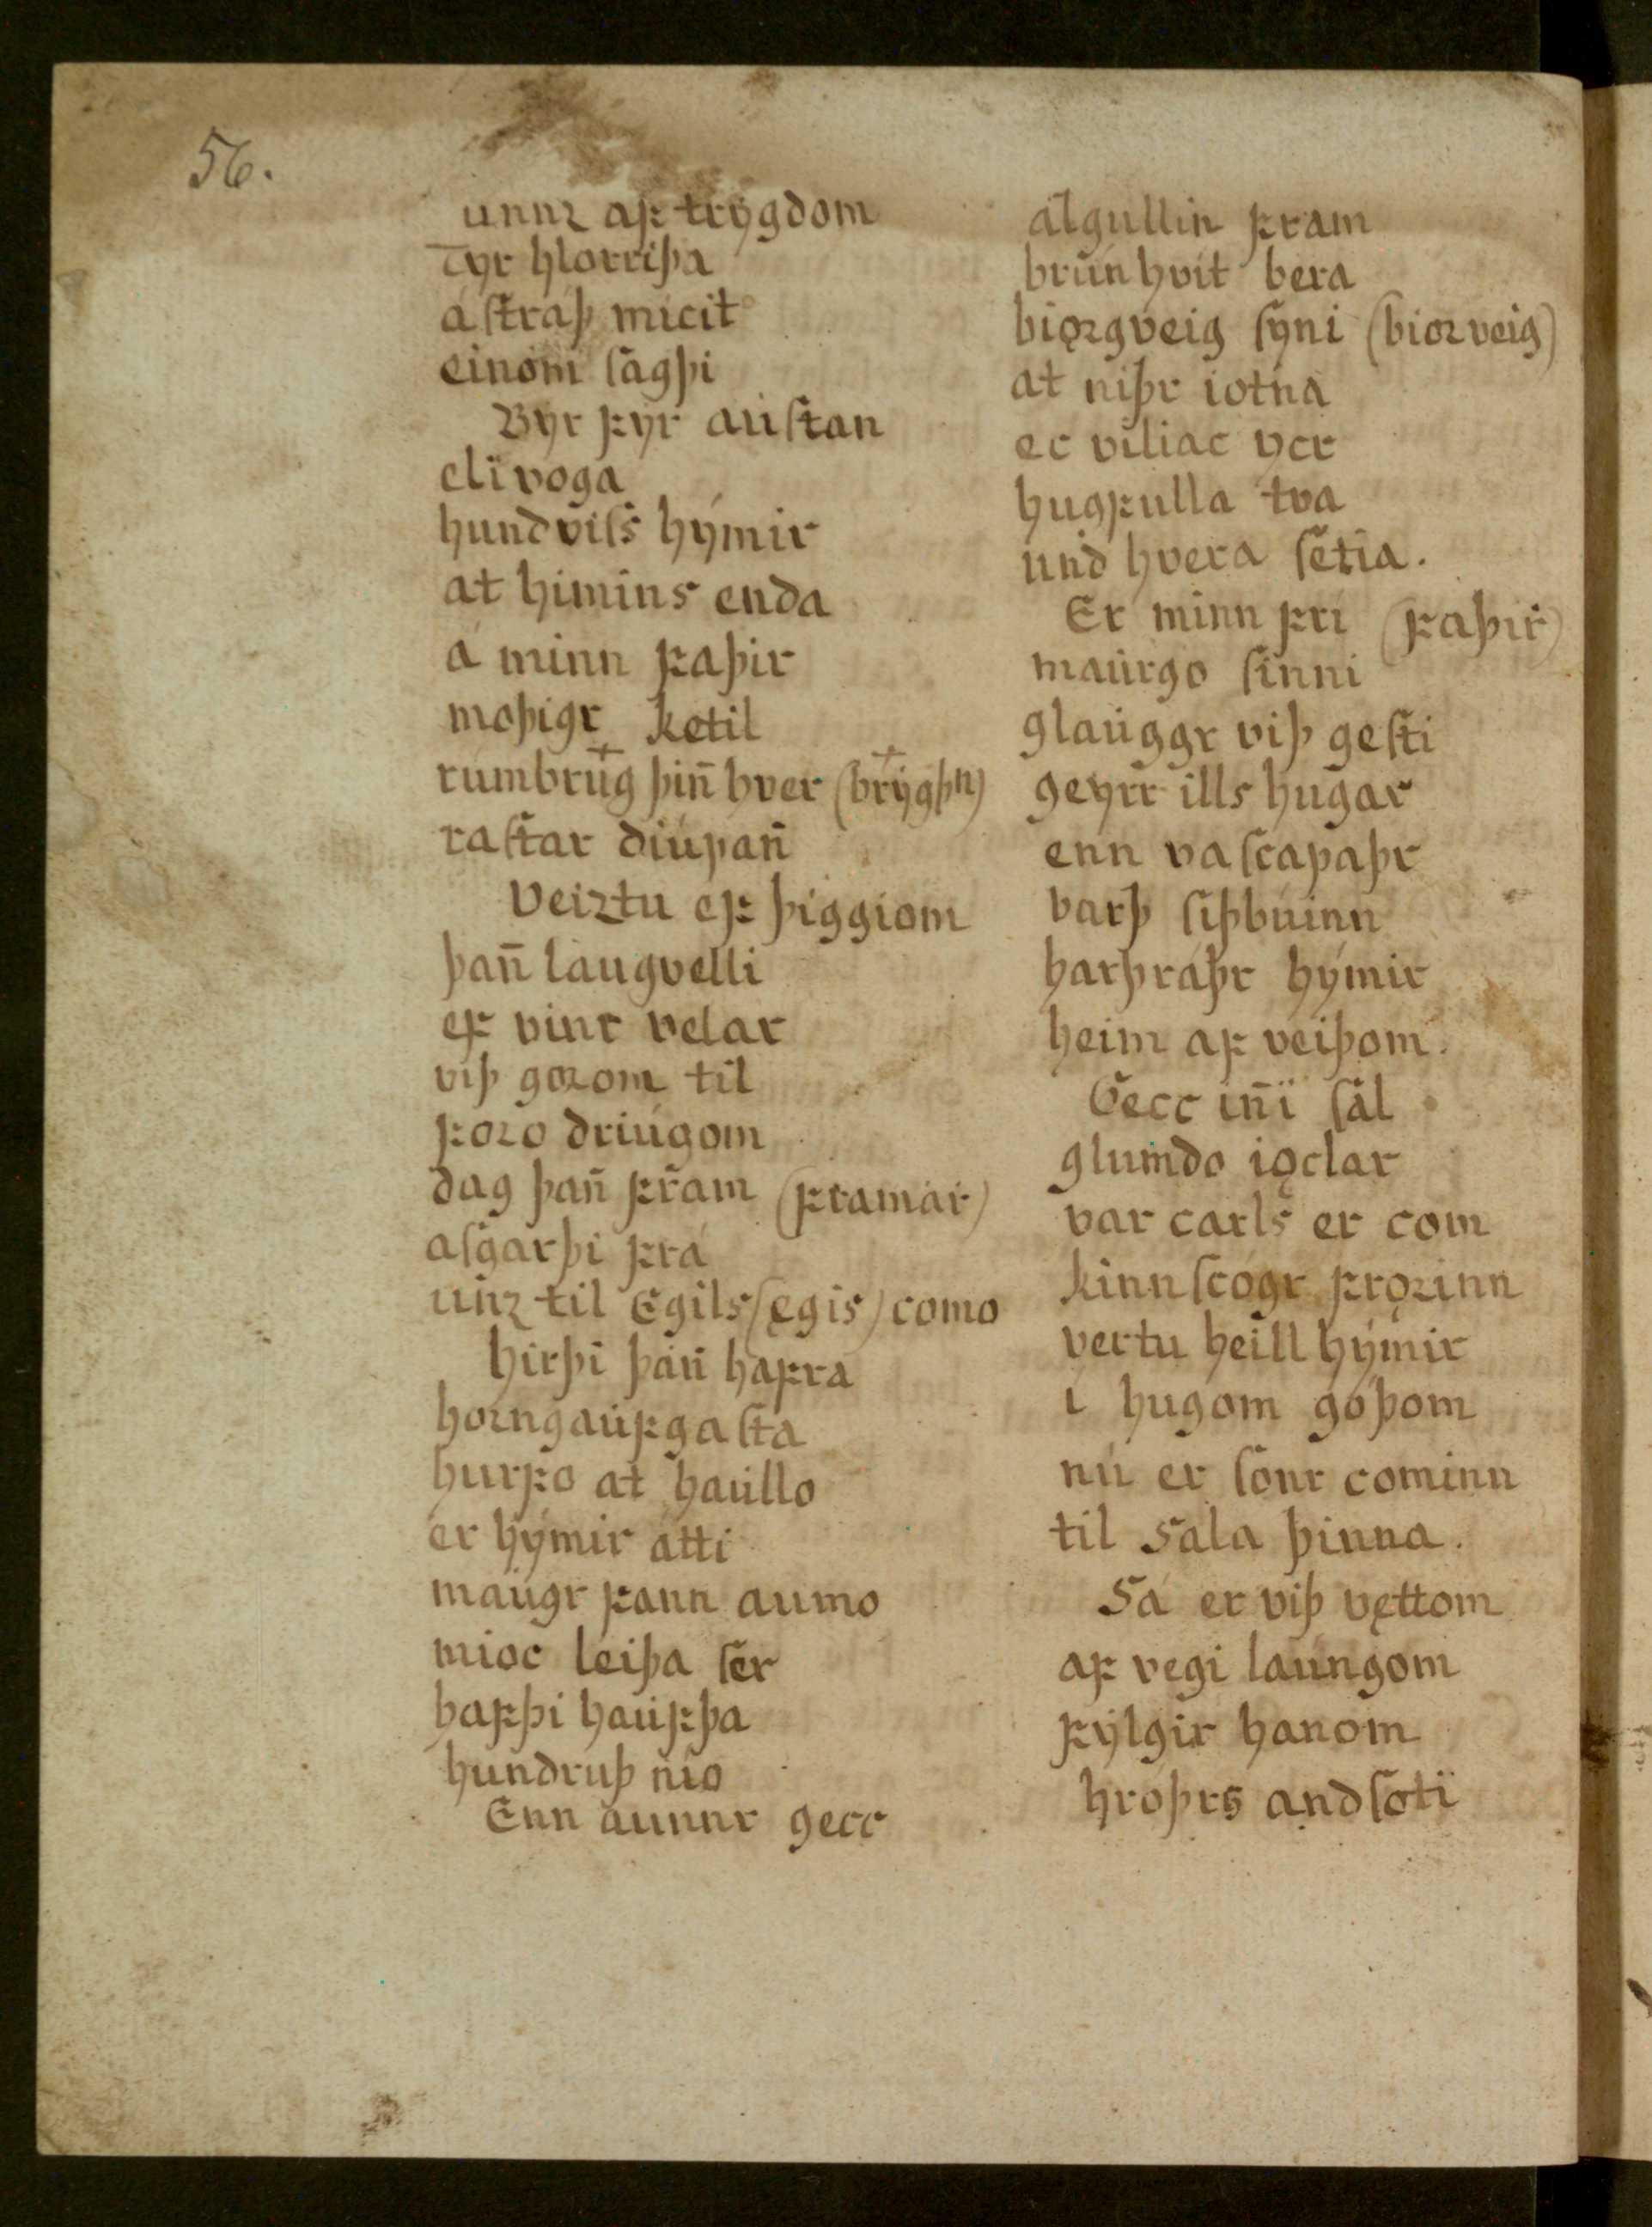 Lbs 1689 4° - 31v